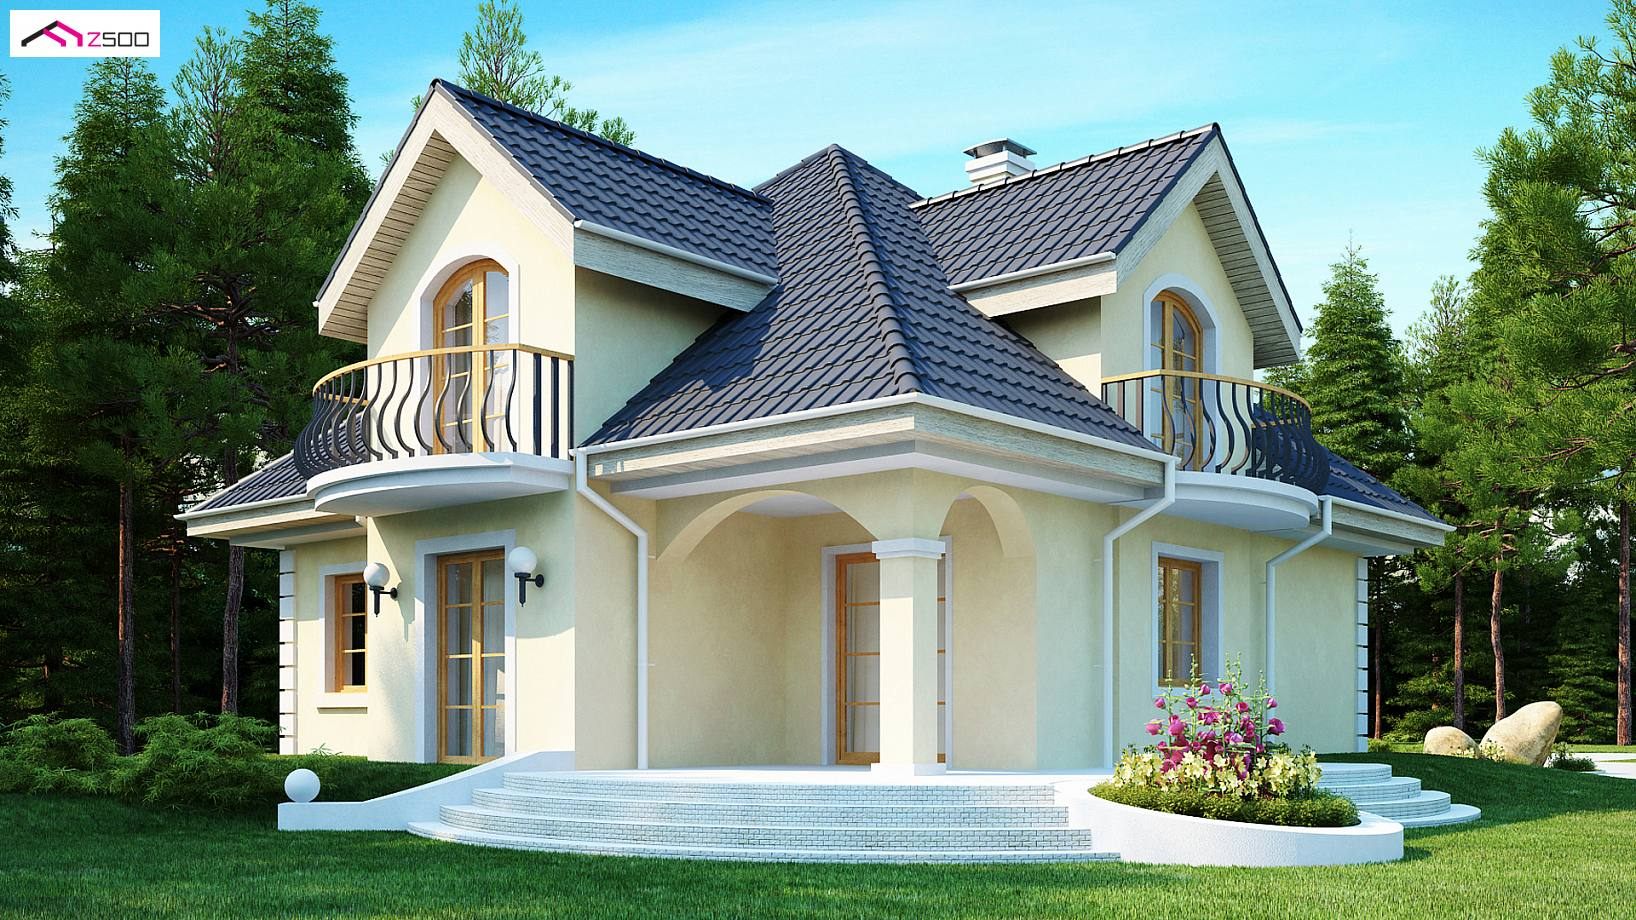 Projekt domu z27 elegancki dom w klasycznym stylu ze Best small house designs in the world